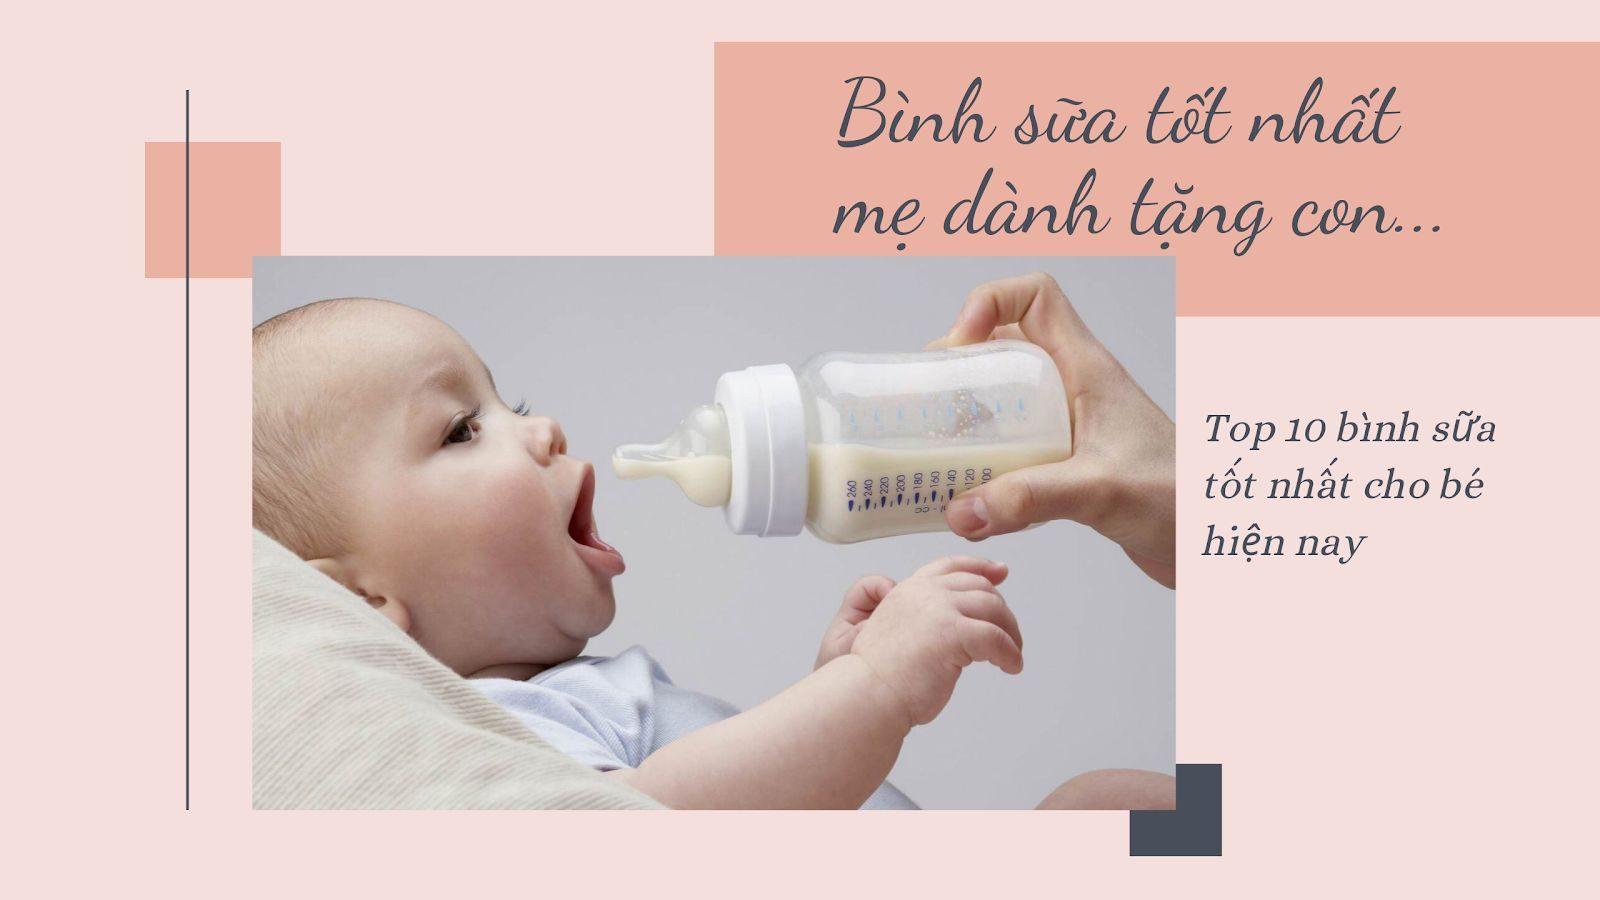 Bảo vệ sức khỏe người mẹ trước khi mang thai là ưu tiên hàng đầu